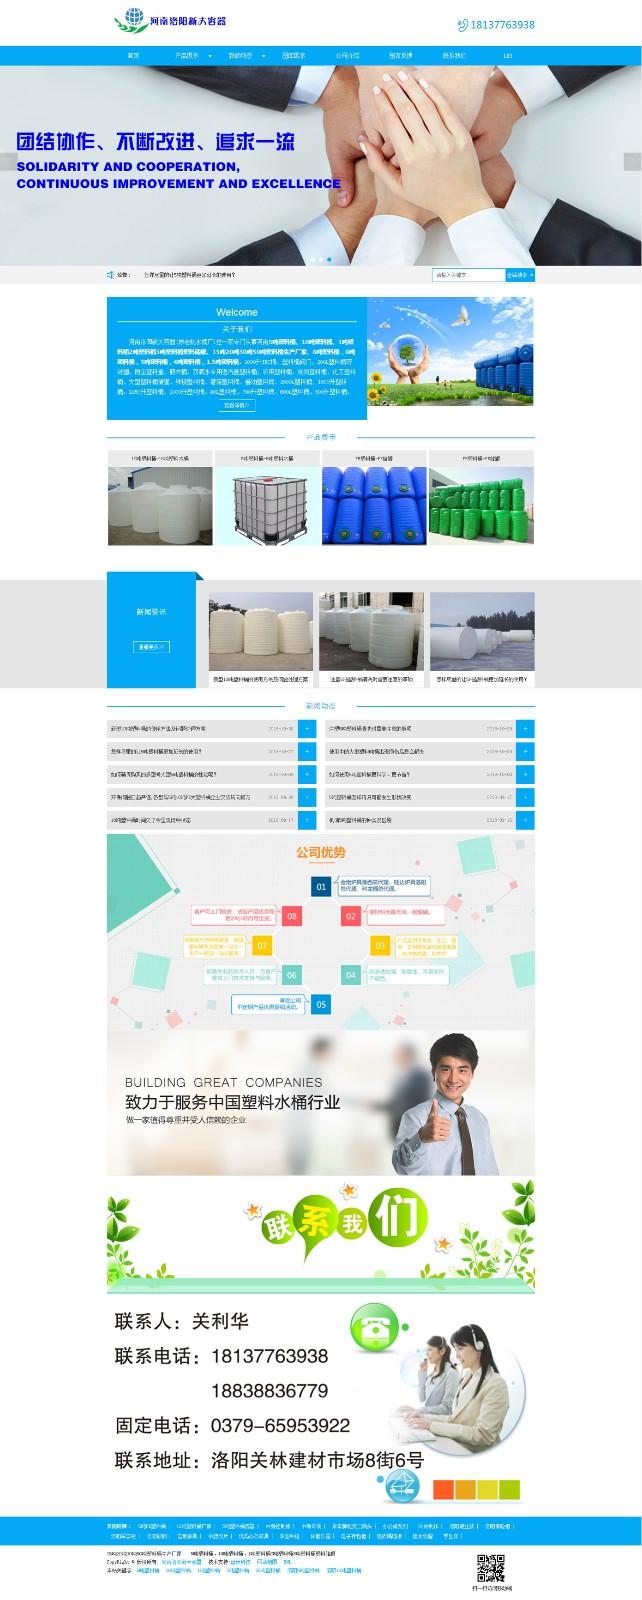 河南洛阳新大容器_5吨塑料桶_10吨塑料桶_1吨塑料桶2吨塑料桶3吨塑料桶塑料储罐_15吨20吨30吨50吨塑料桶生产厂家